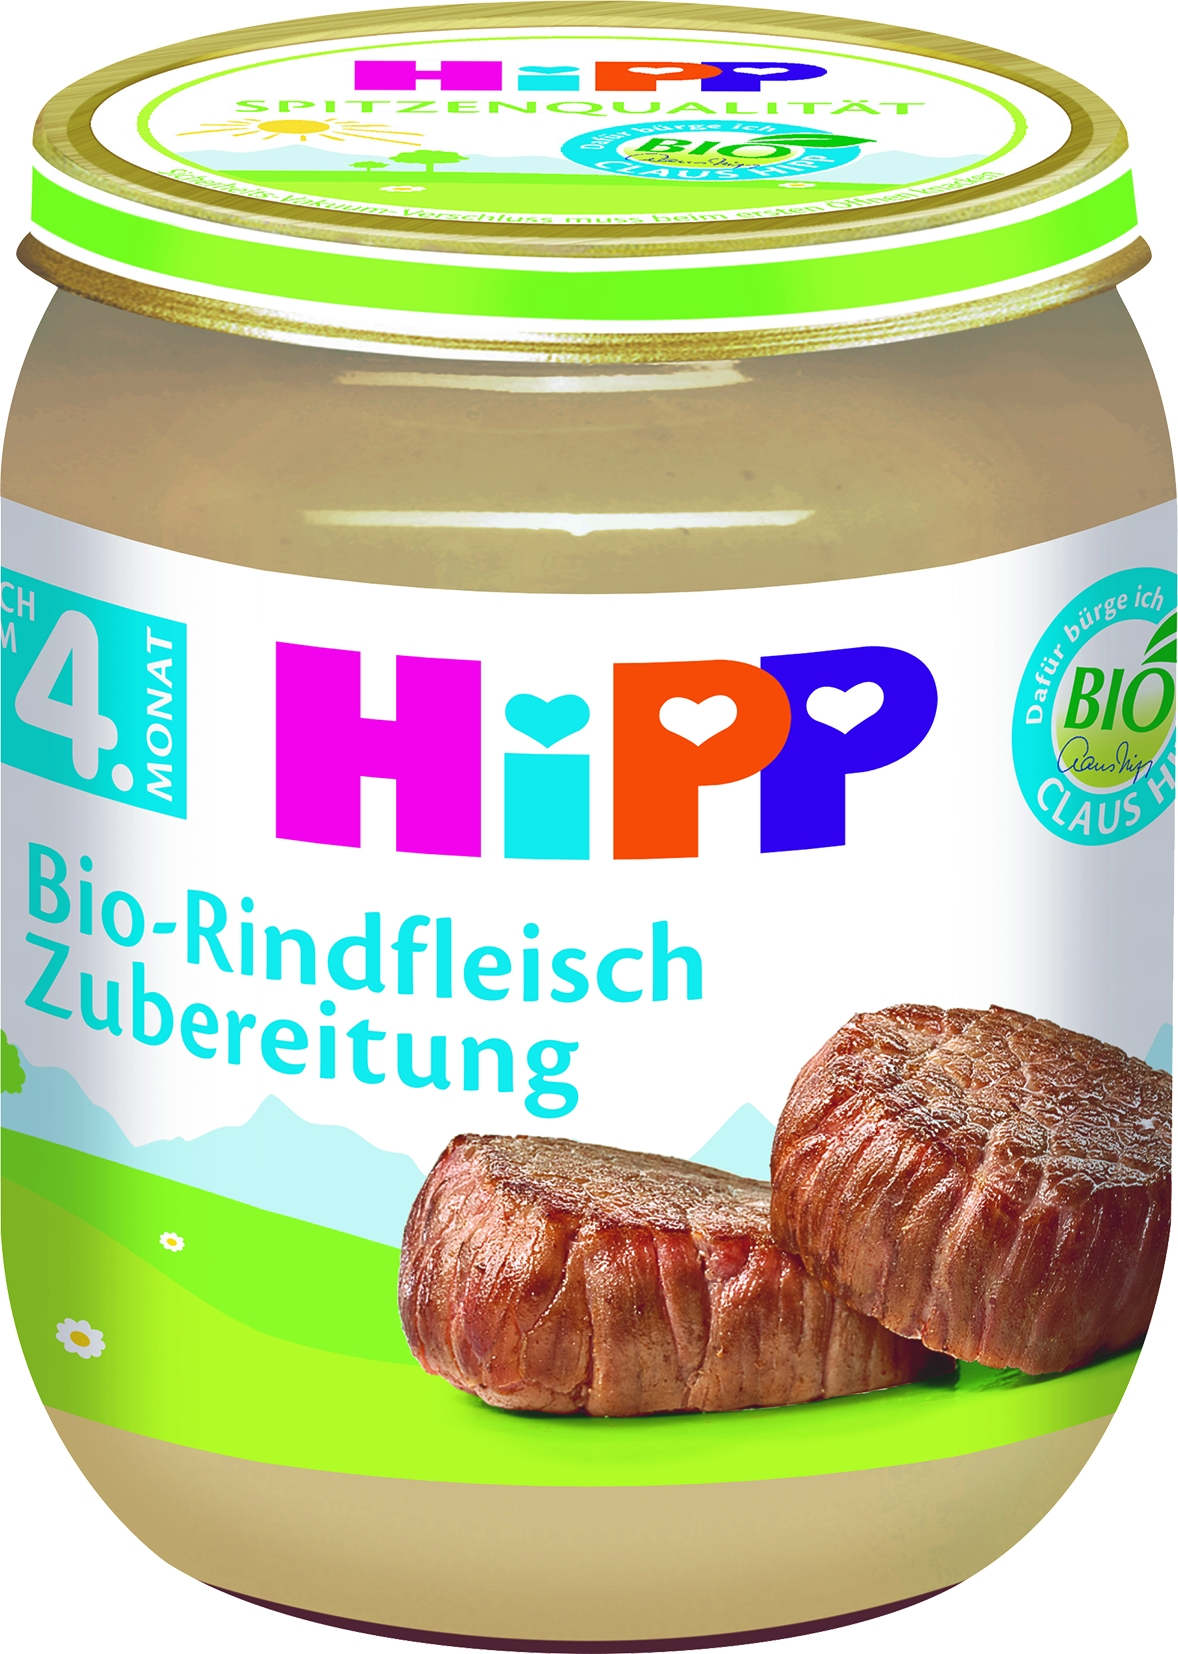 Bio 6010 Rindfleisch